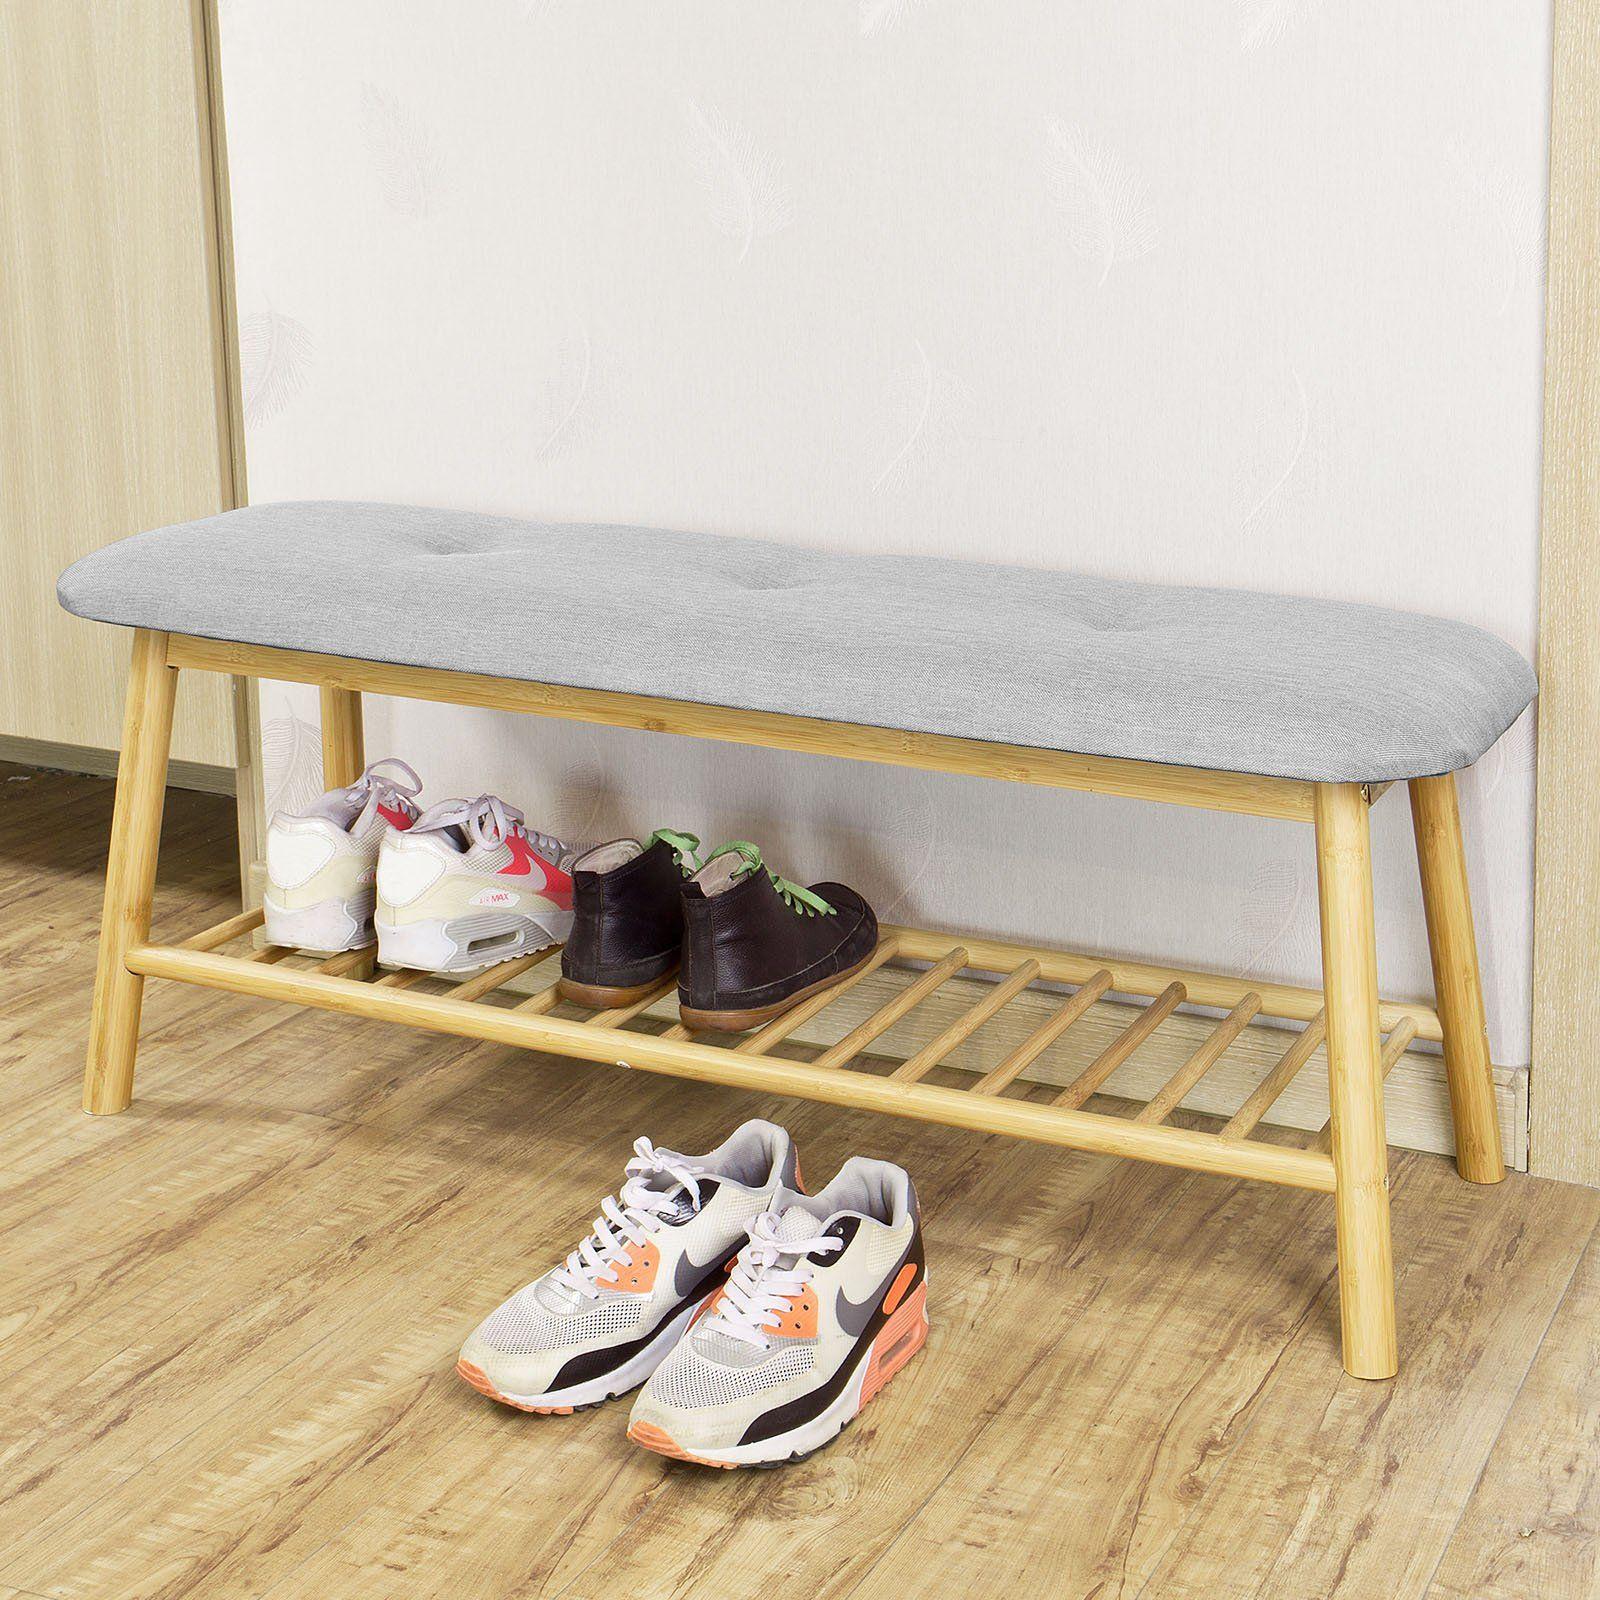 sobuy fsr24 hg banc rembourr design avec 1 tage de rangement meuble d 39 entr e banquette. Black Bedroom Furniture Sets. Home Design Ideas